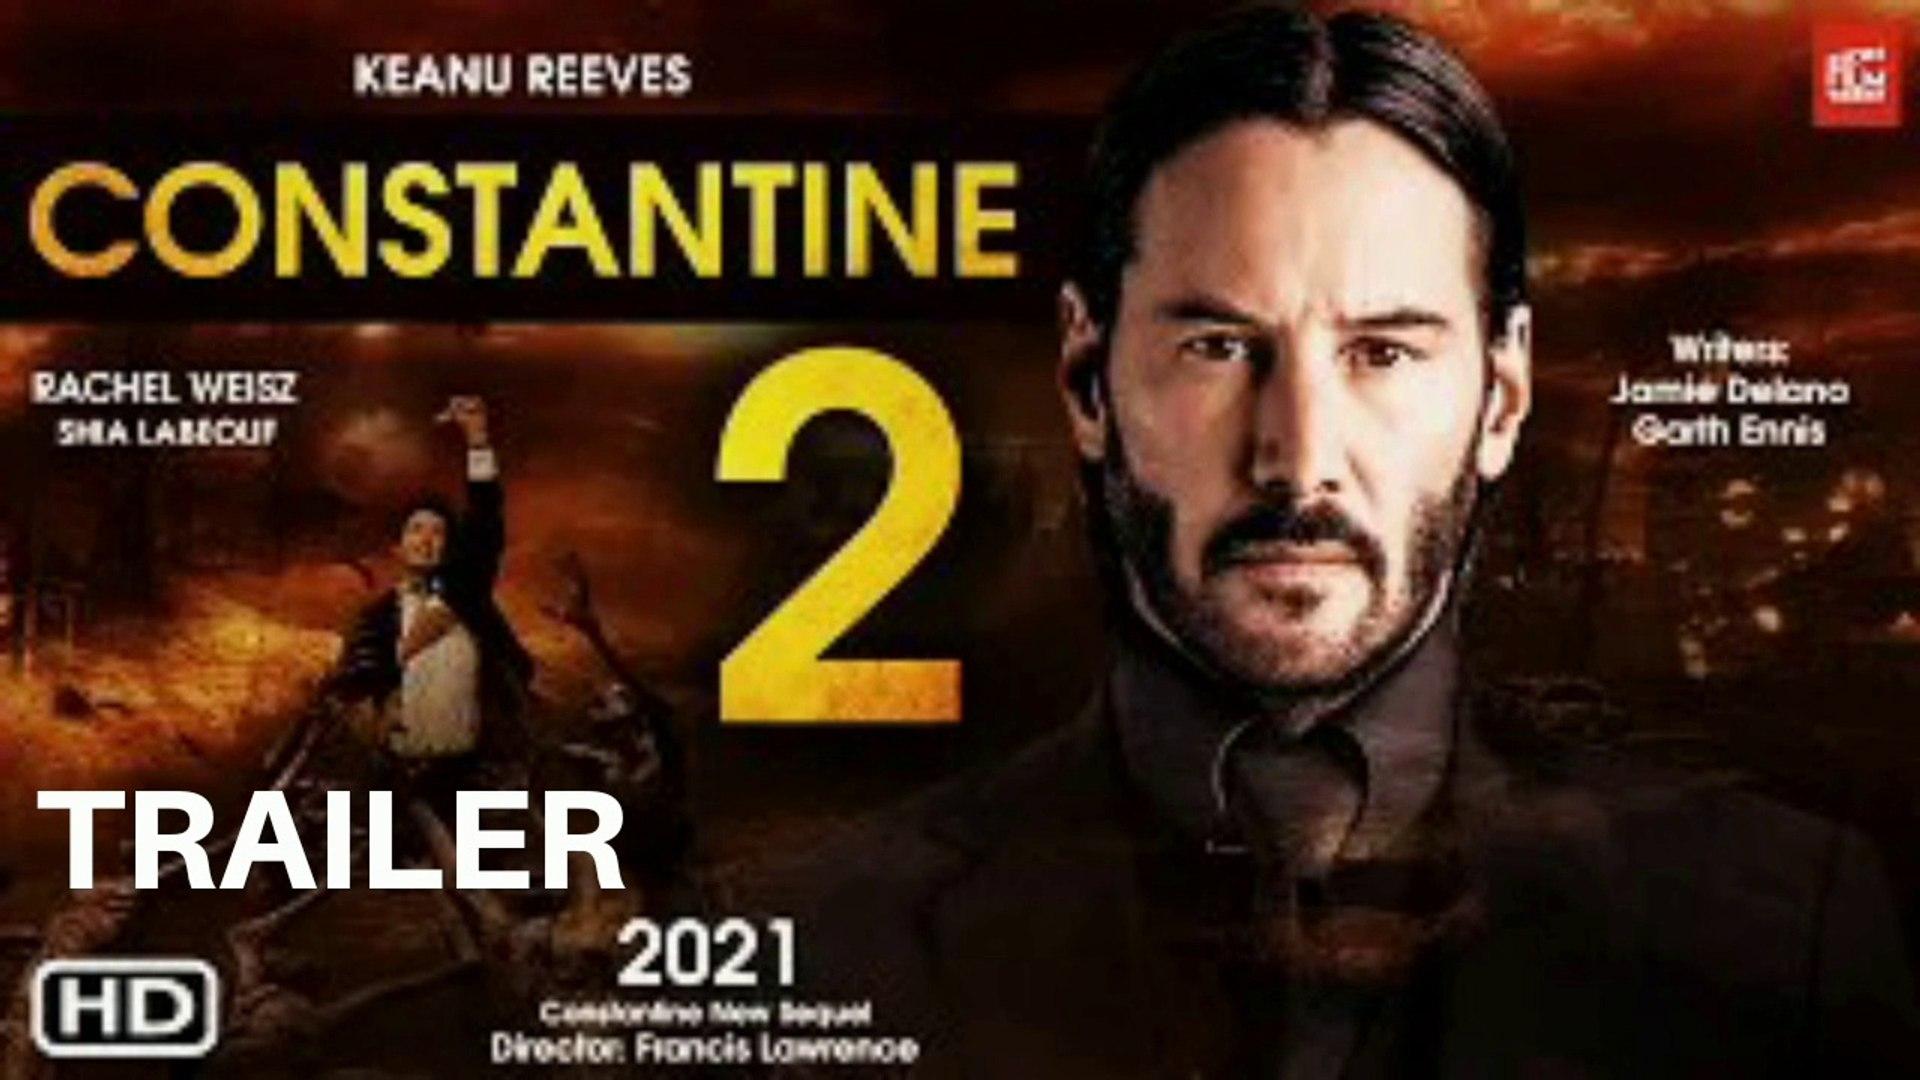 Constantine 20   Trailer 200201 Movie Keanu Reeves Movie [HD] Superhero Movie